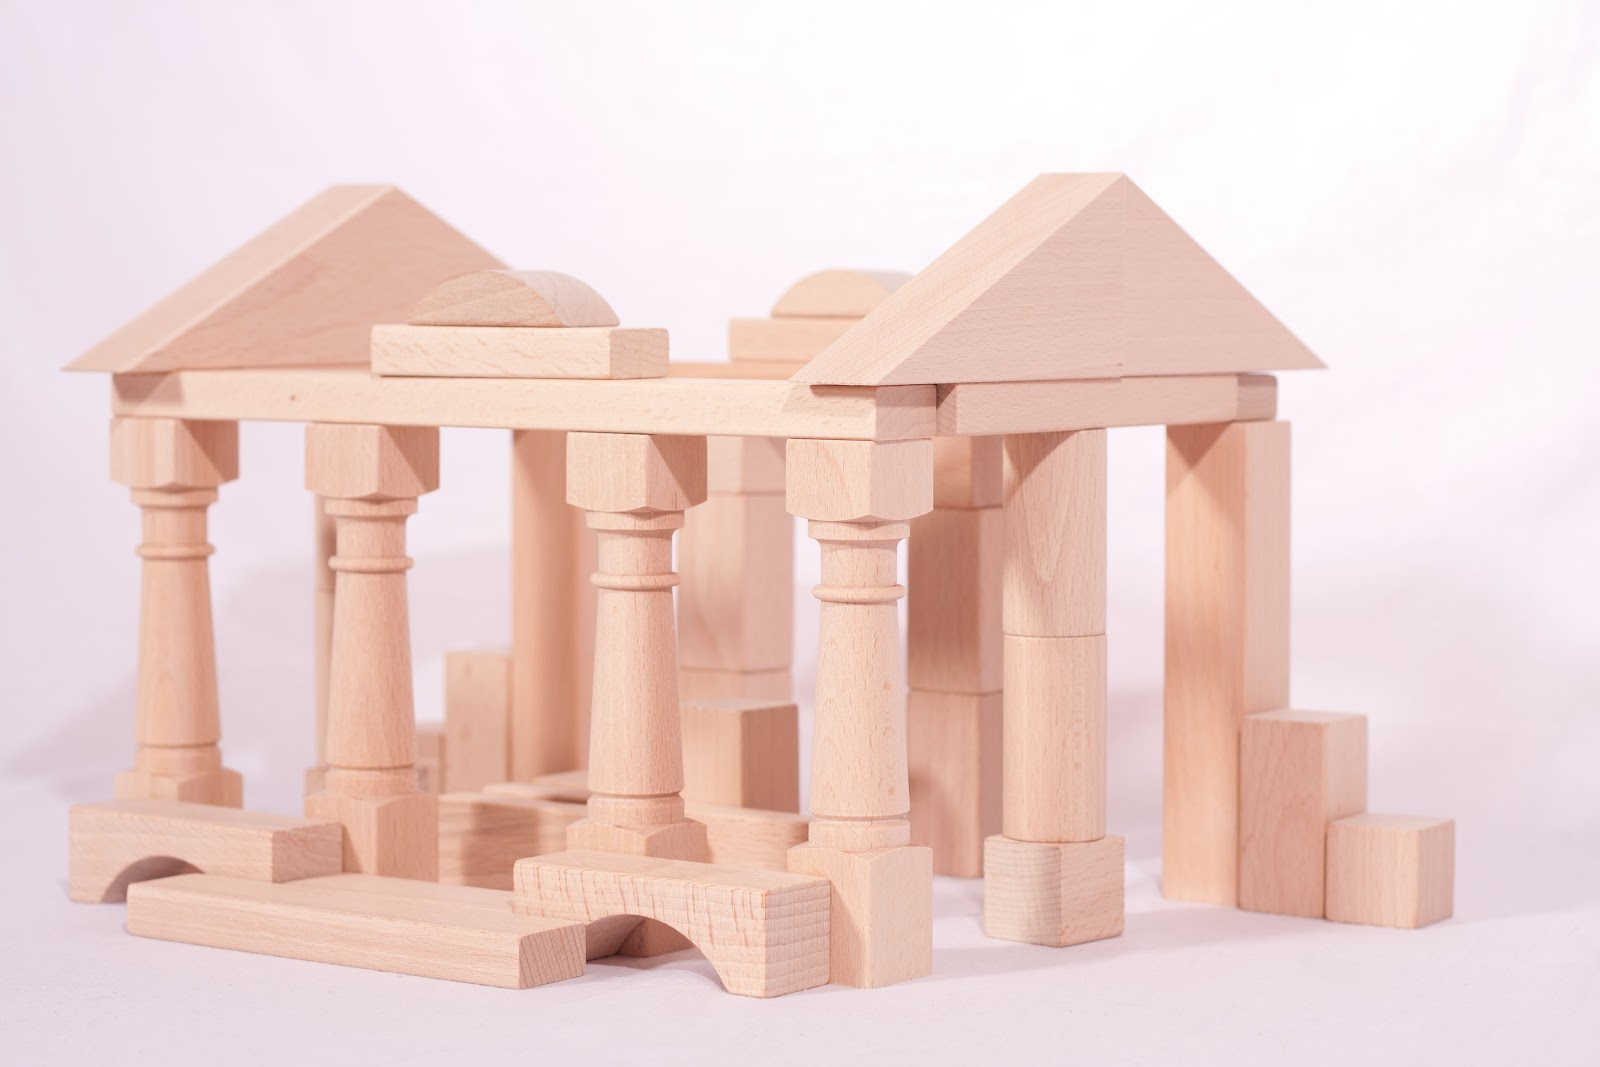 Nog 1,5 dag om te profiteren van kortingen tot 30% - Duurzaam houten ...